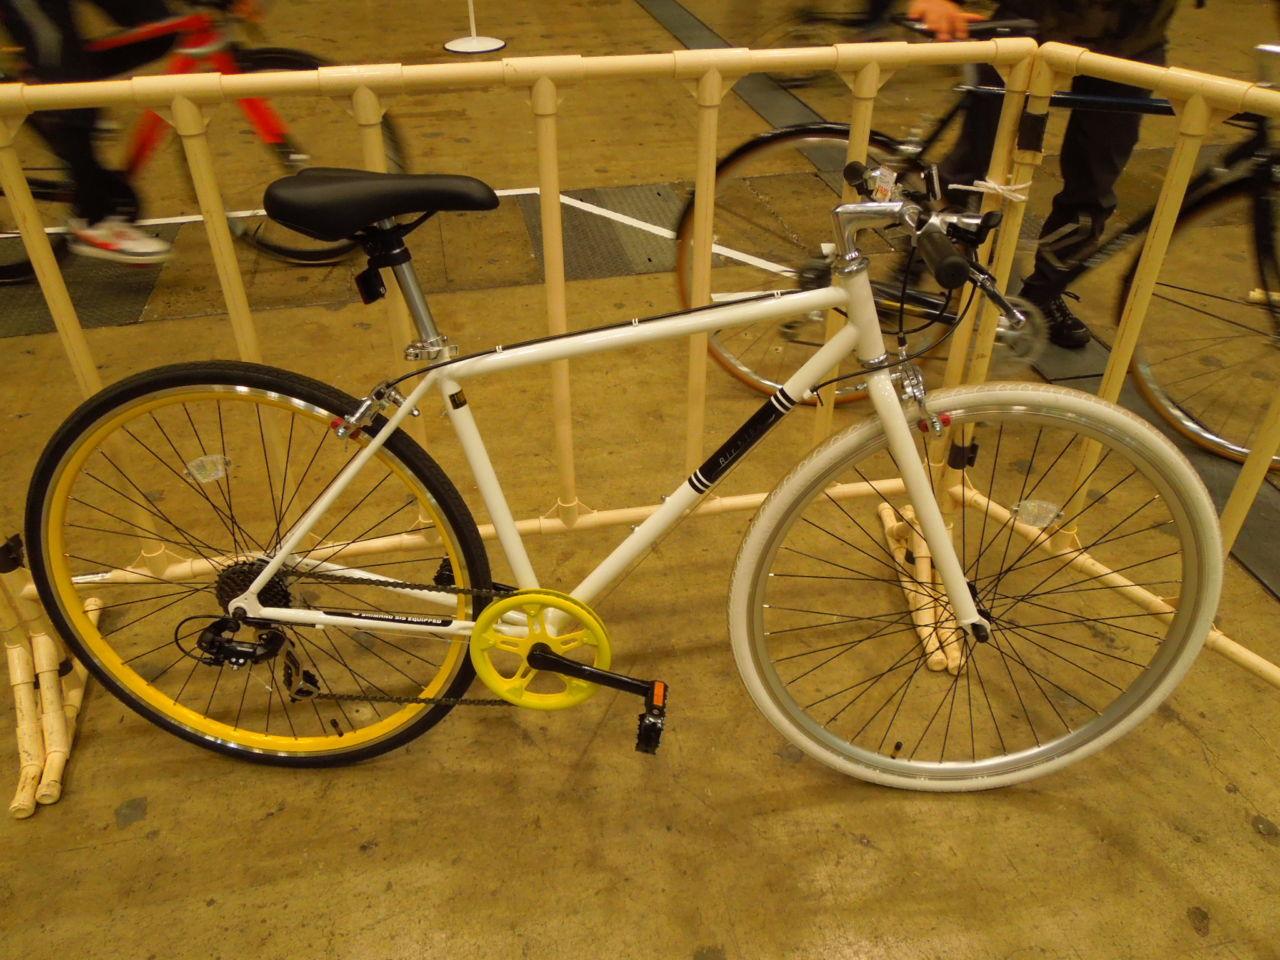 試乗してわかった有名ブランドのクロスバイクと安物クロスバイクルックの違い